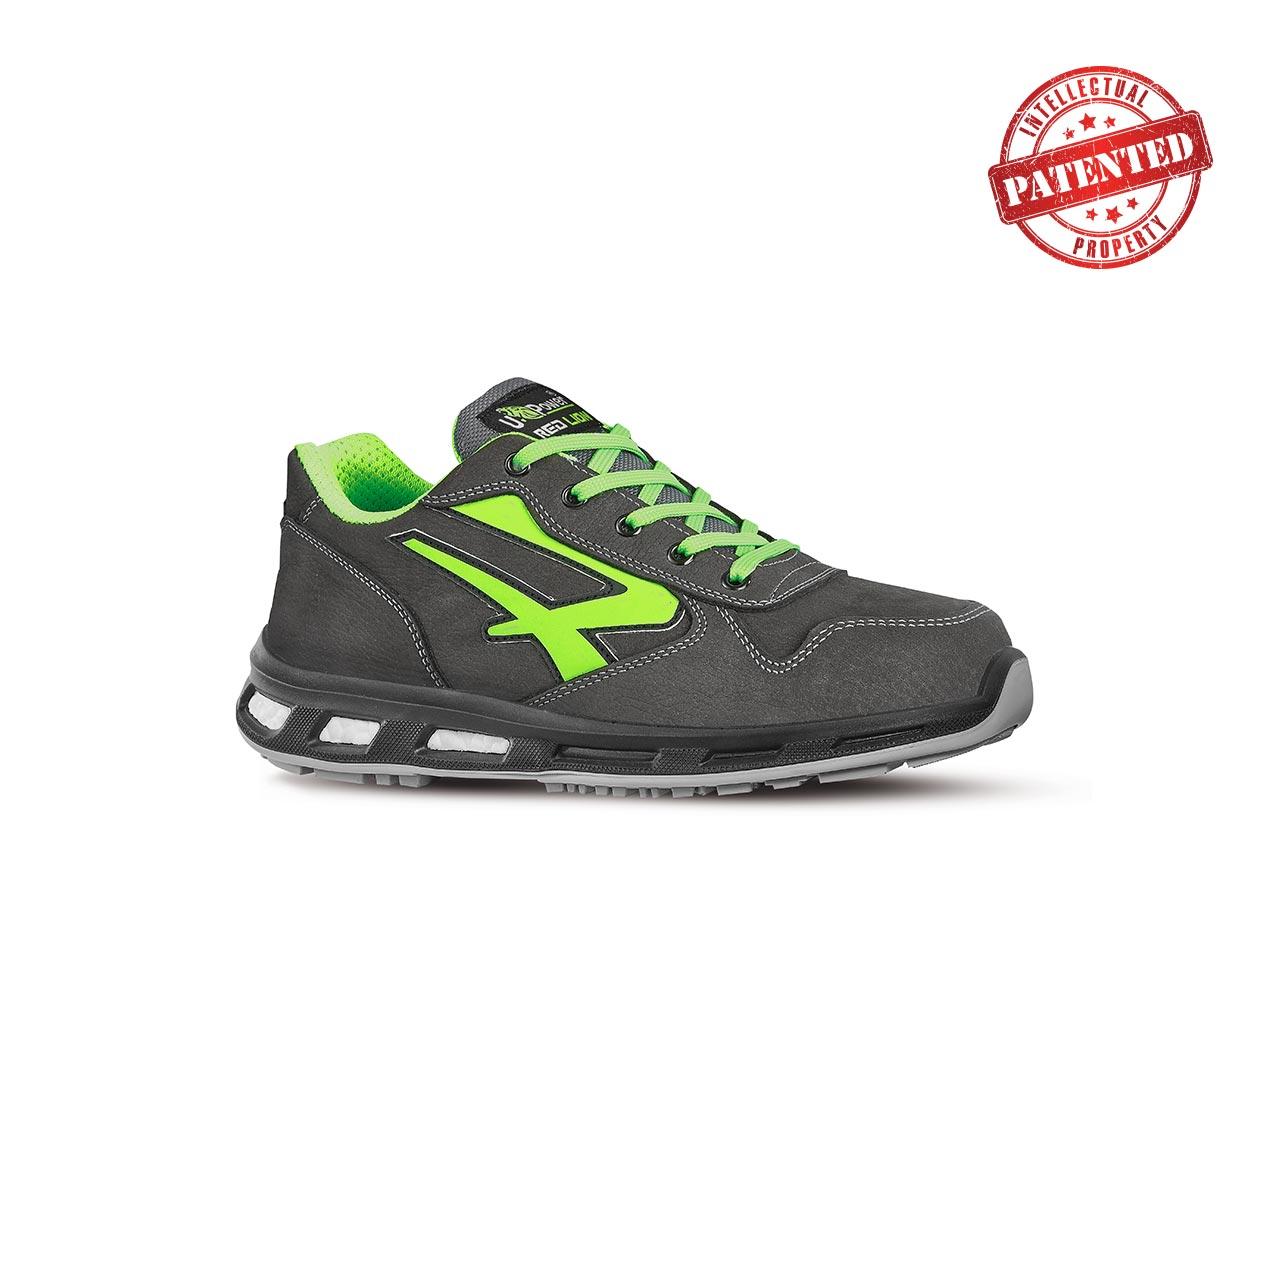 scarpa antinfortunistica upower modello yoda linea redlion vista laterale